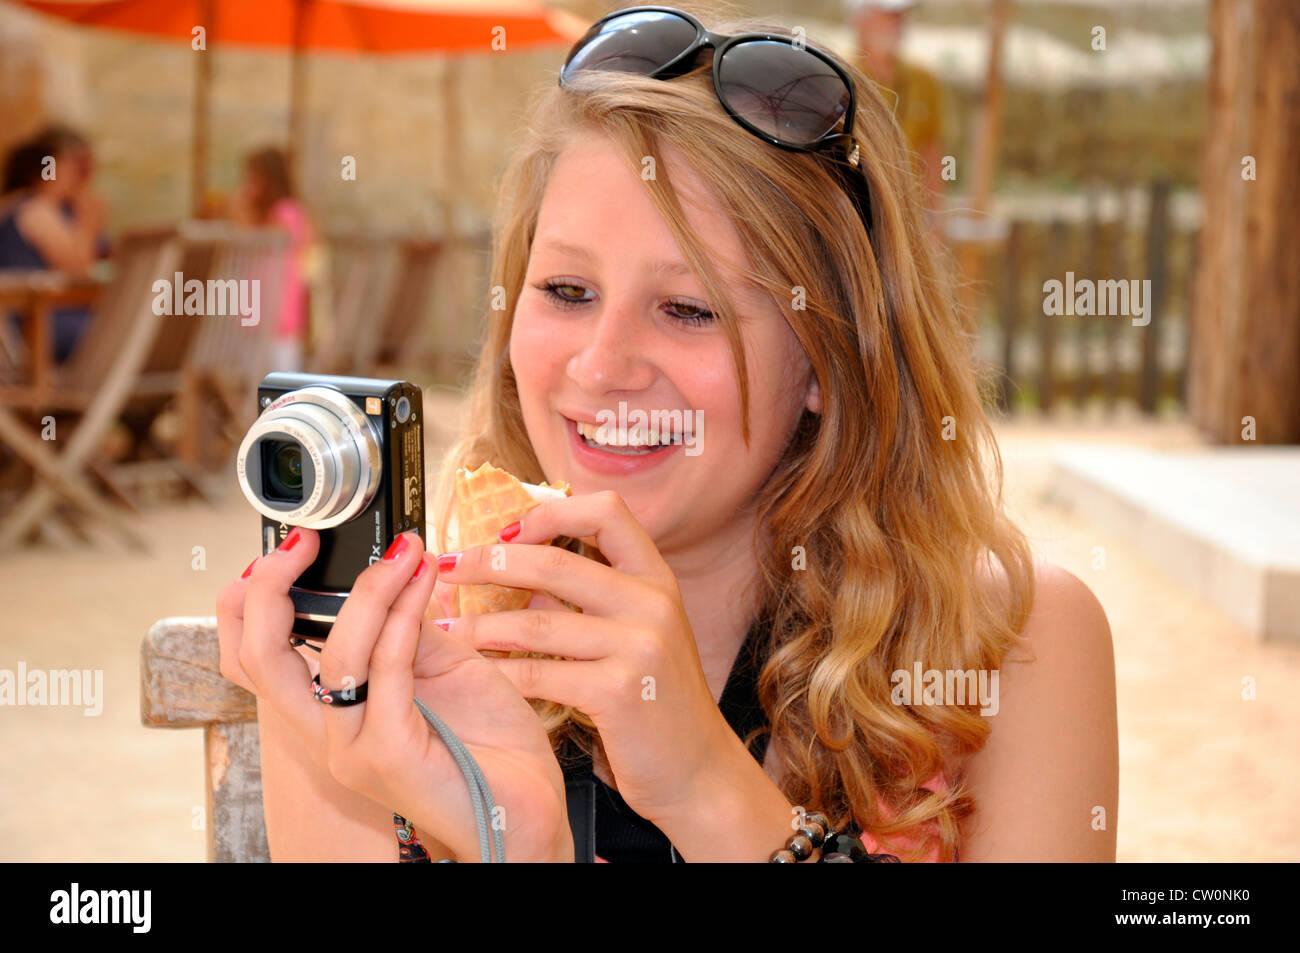 722a7558cf03 Pretty teenage girl